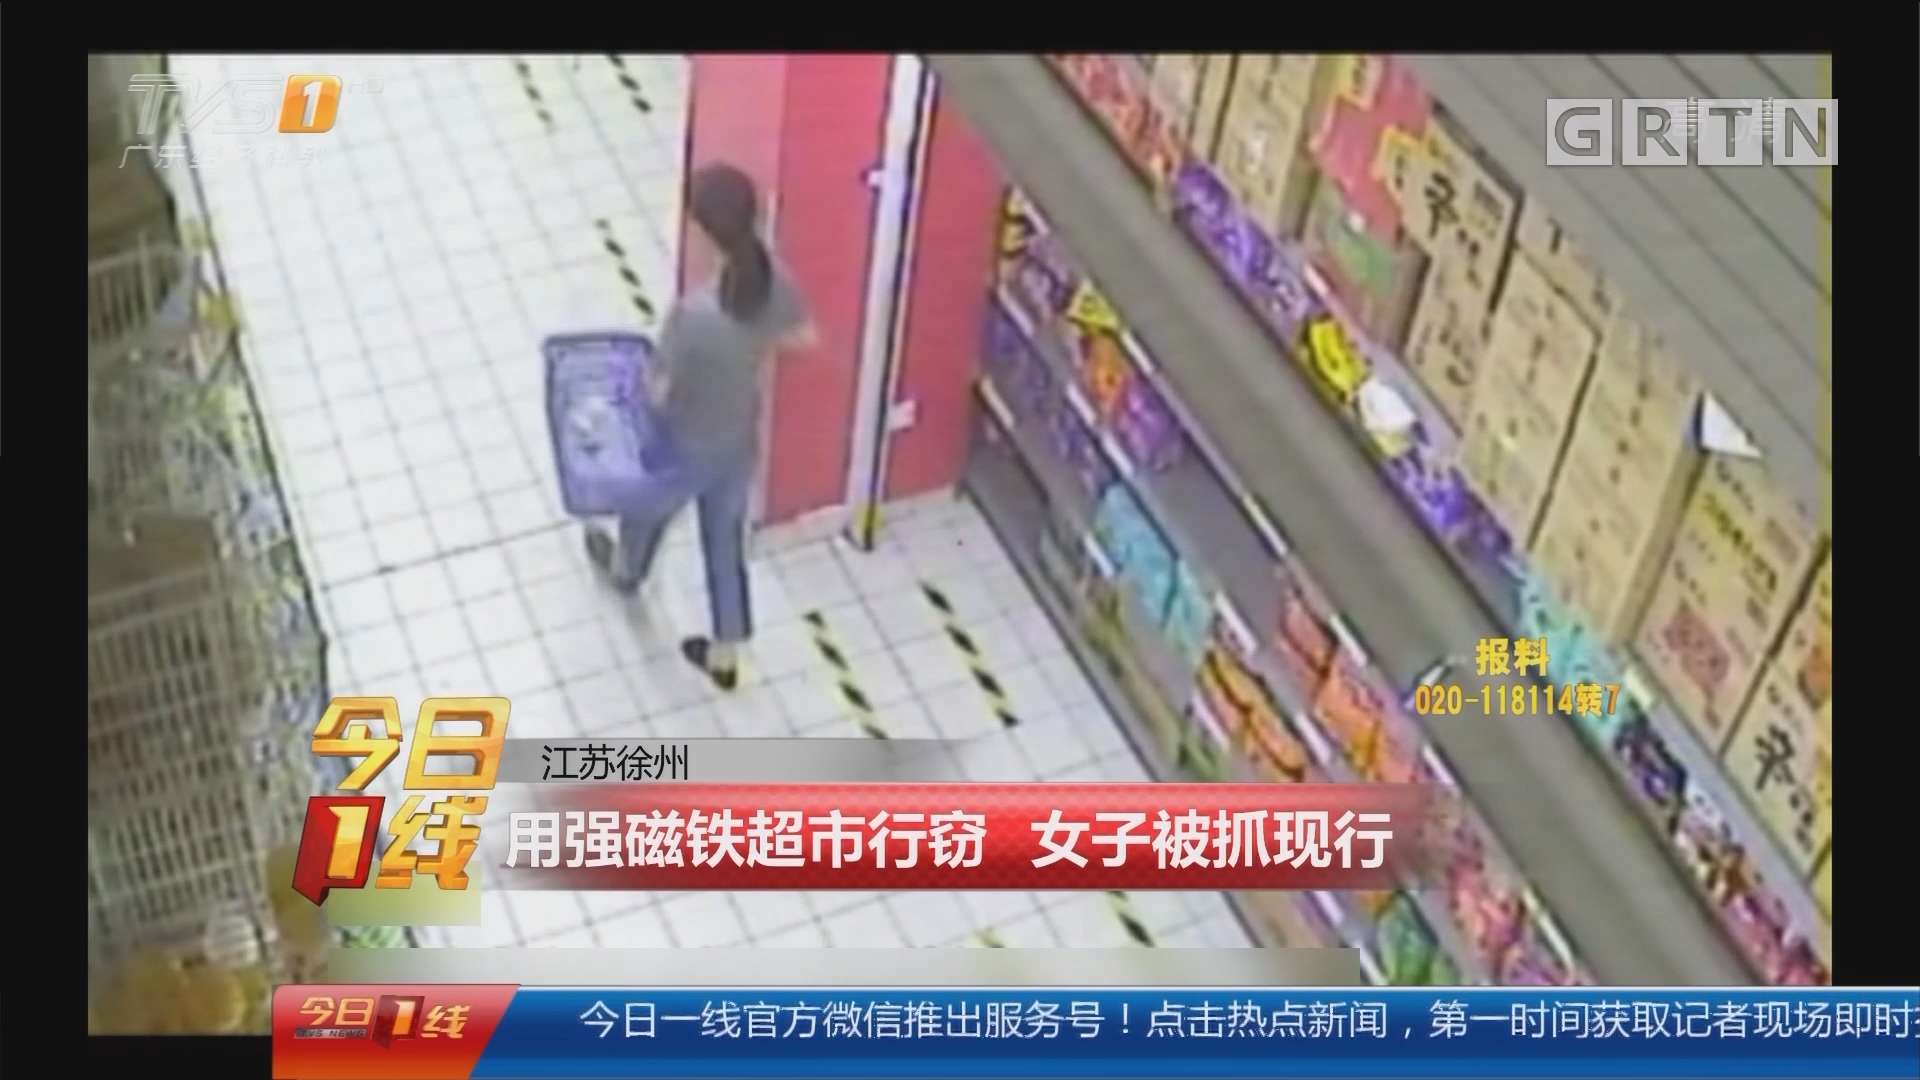 江苏徐州:用强磁铁超市行窃 女子被抓现行